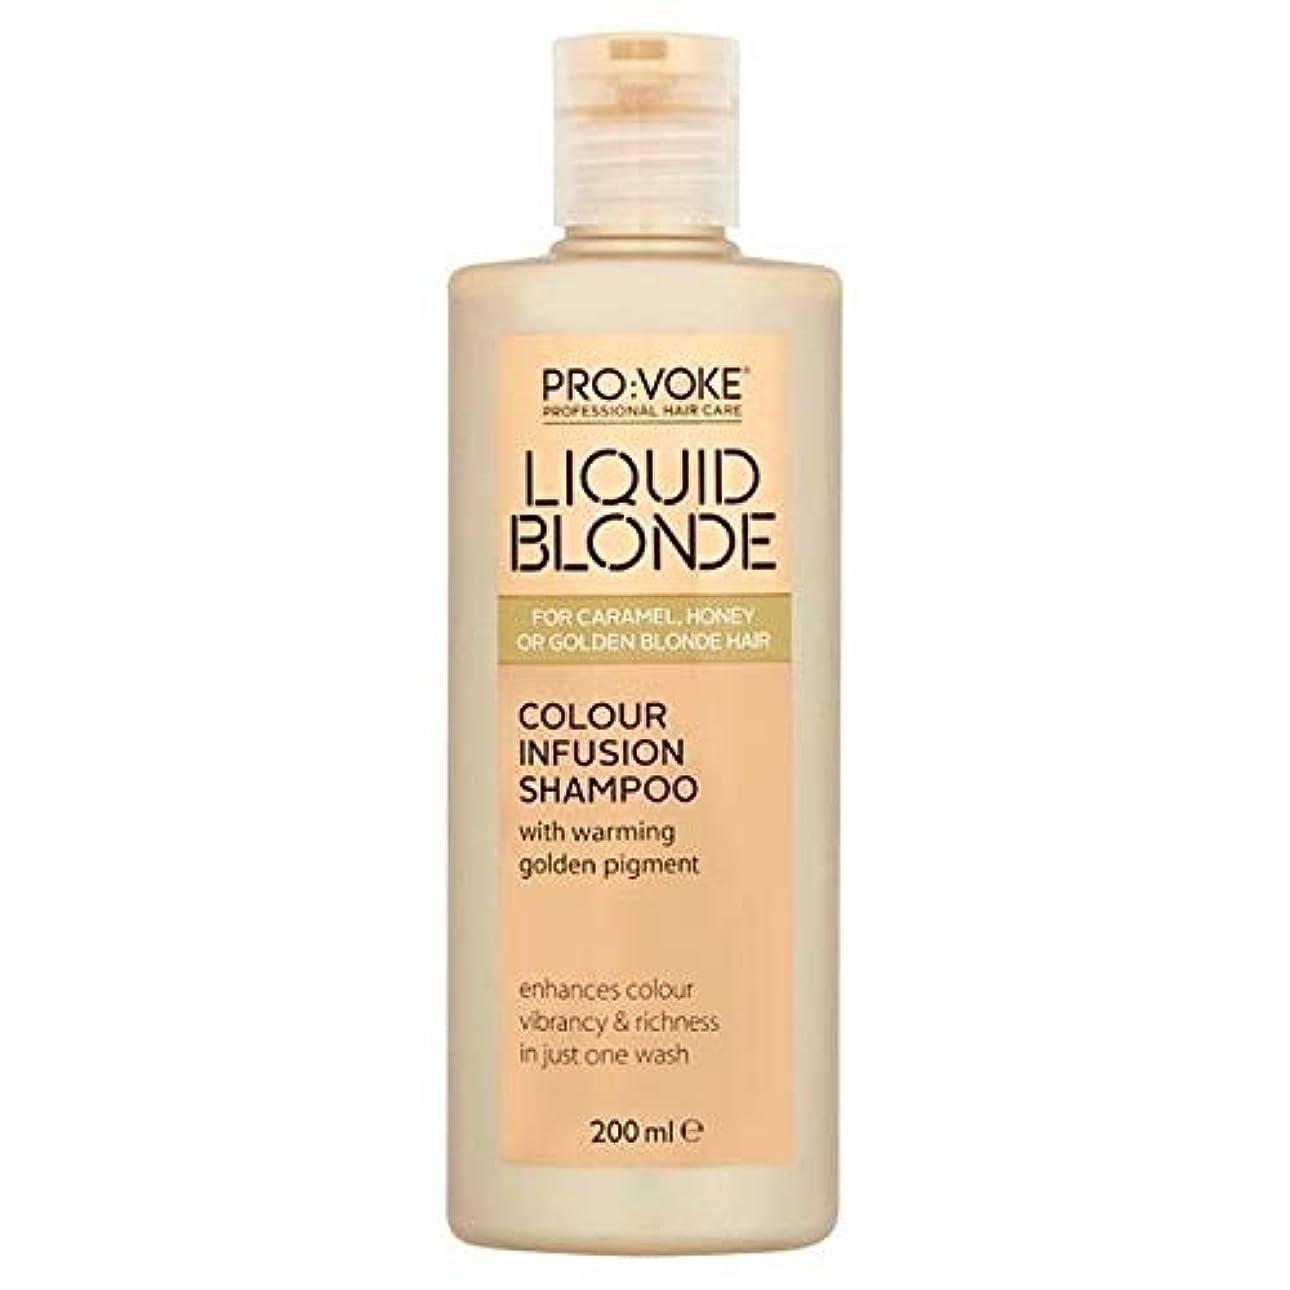 領事館再集計平和[Pro:Voke] プロ:治療のシャンプーを活性化液ブロンド色をVoke - PRO:VOKE Liquid Blonde Colour Activating Treatment Shampoo [並行輸入品]